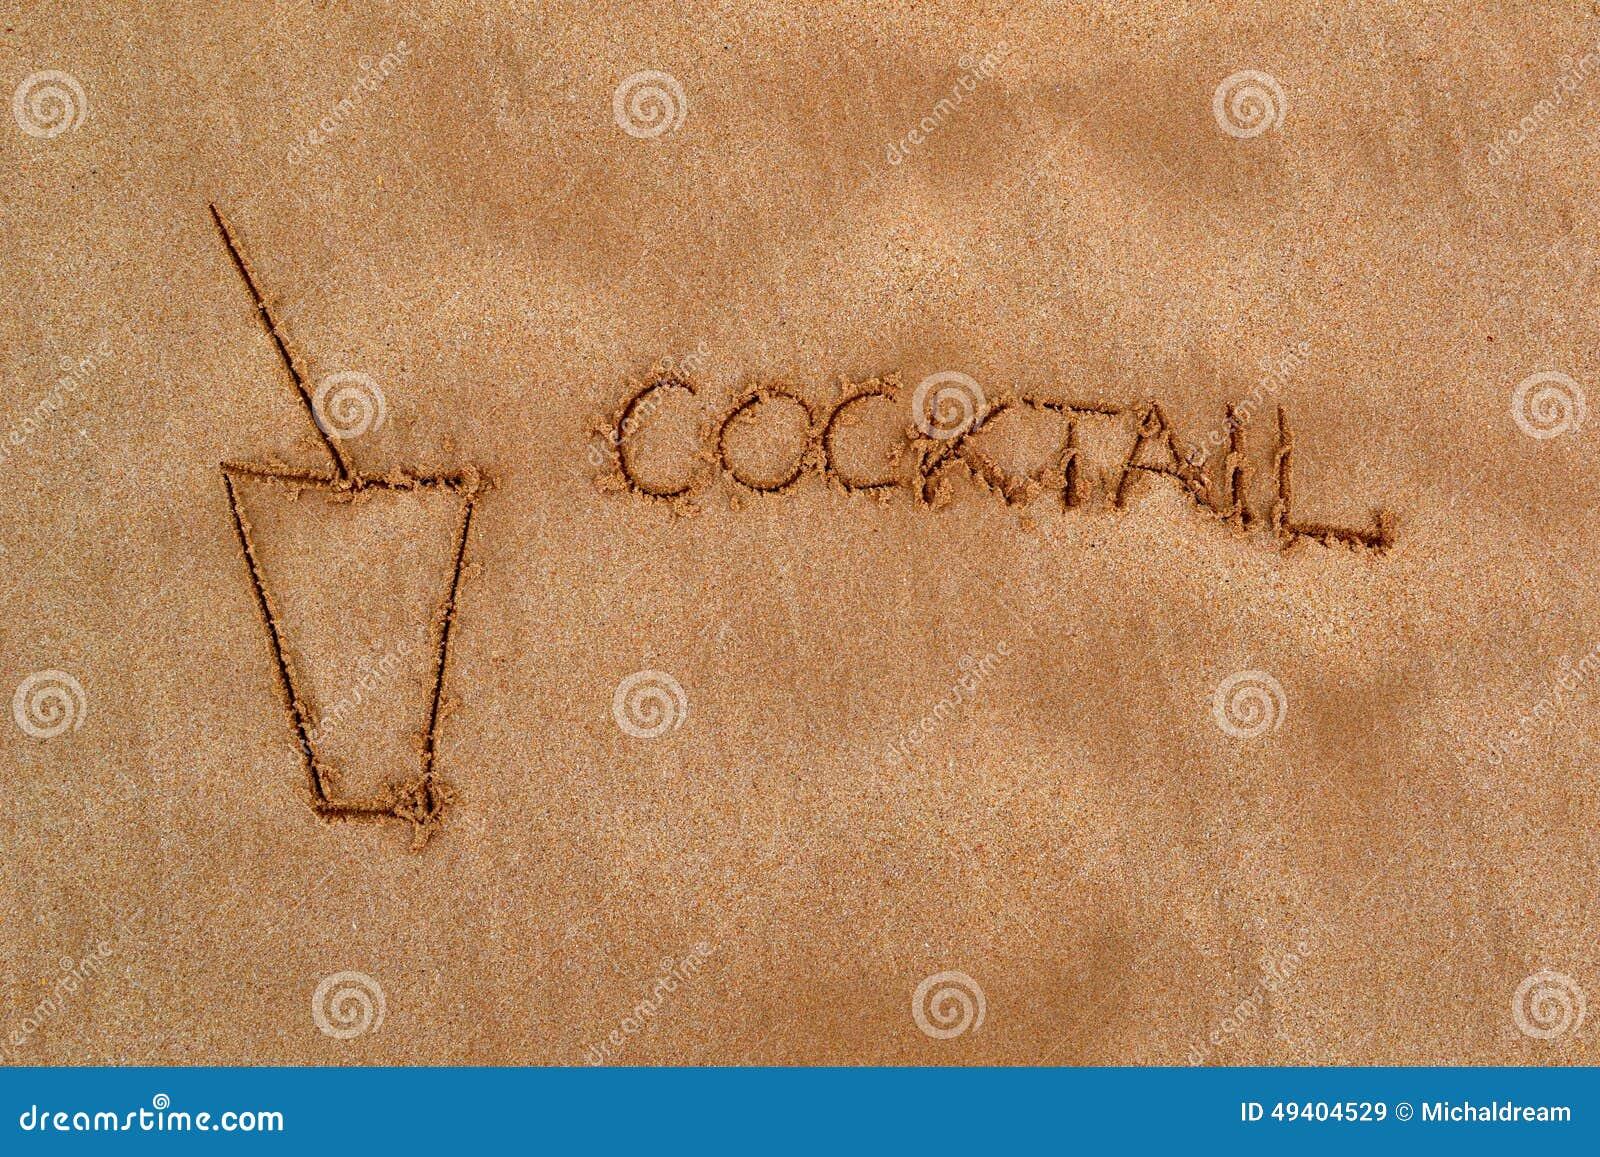 Download Muster im Sand - Cocktail stockbild. Bild von sonnig - 49404529